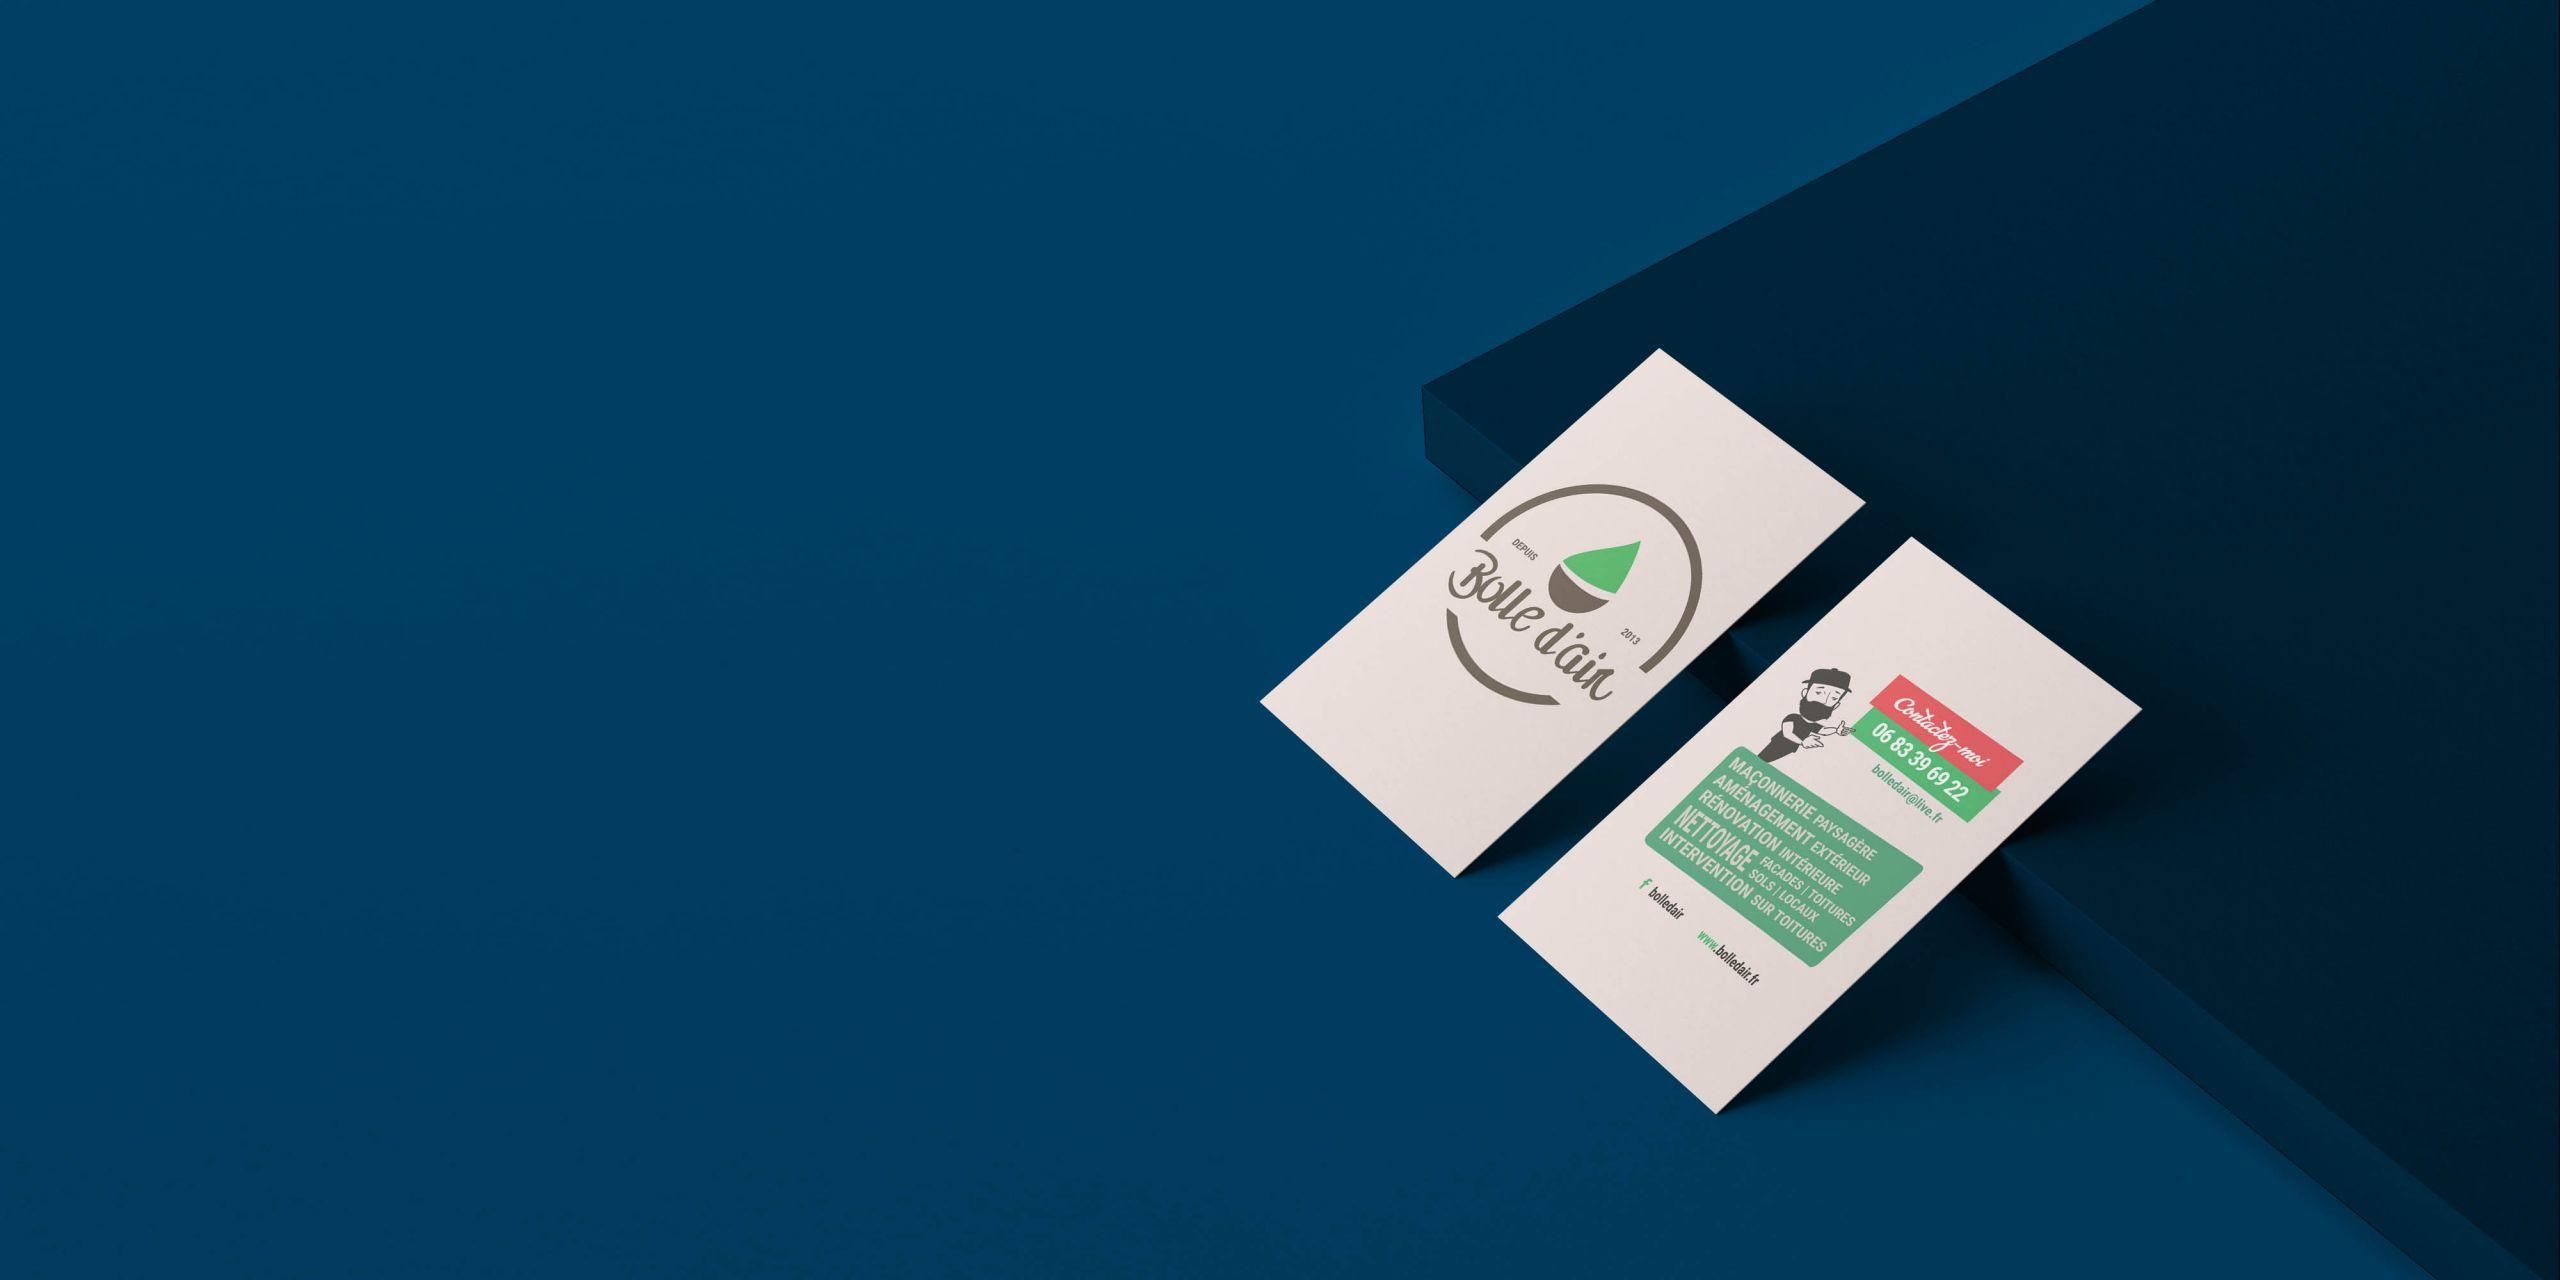 Création des cartes de visite bolle d'air paysagiste par inu Média dans le Doubs